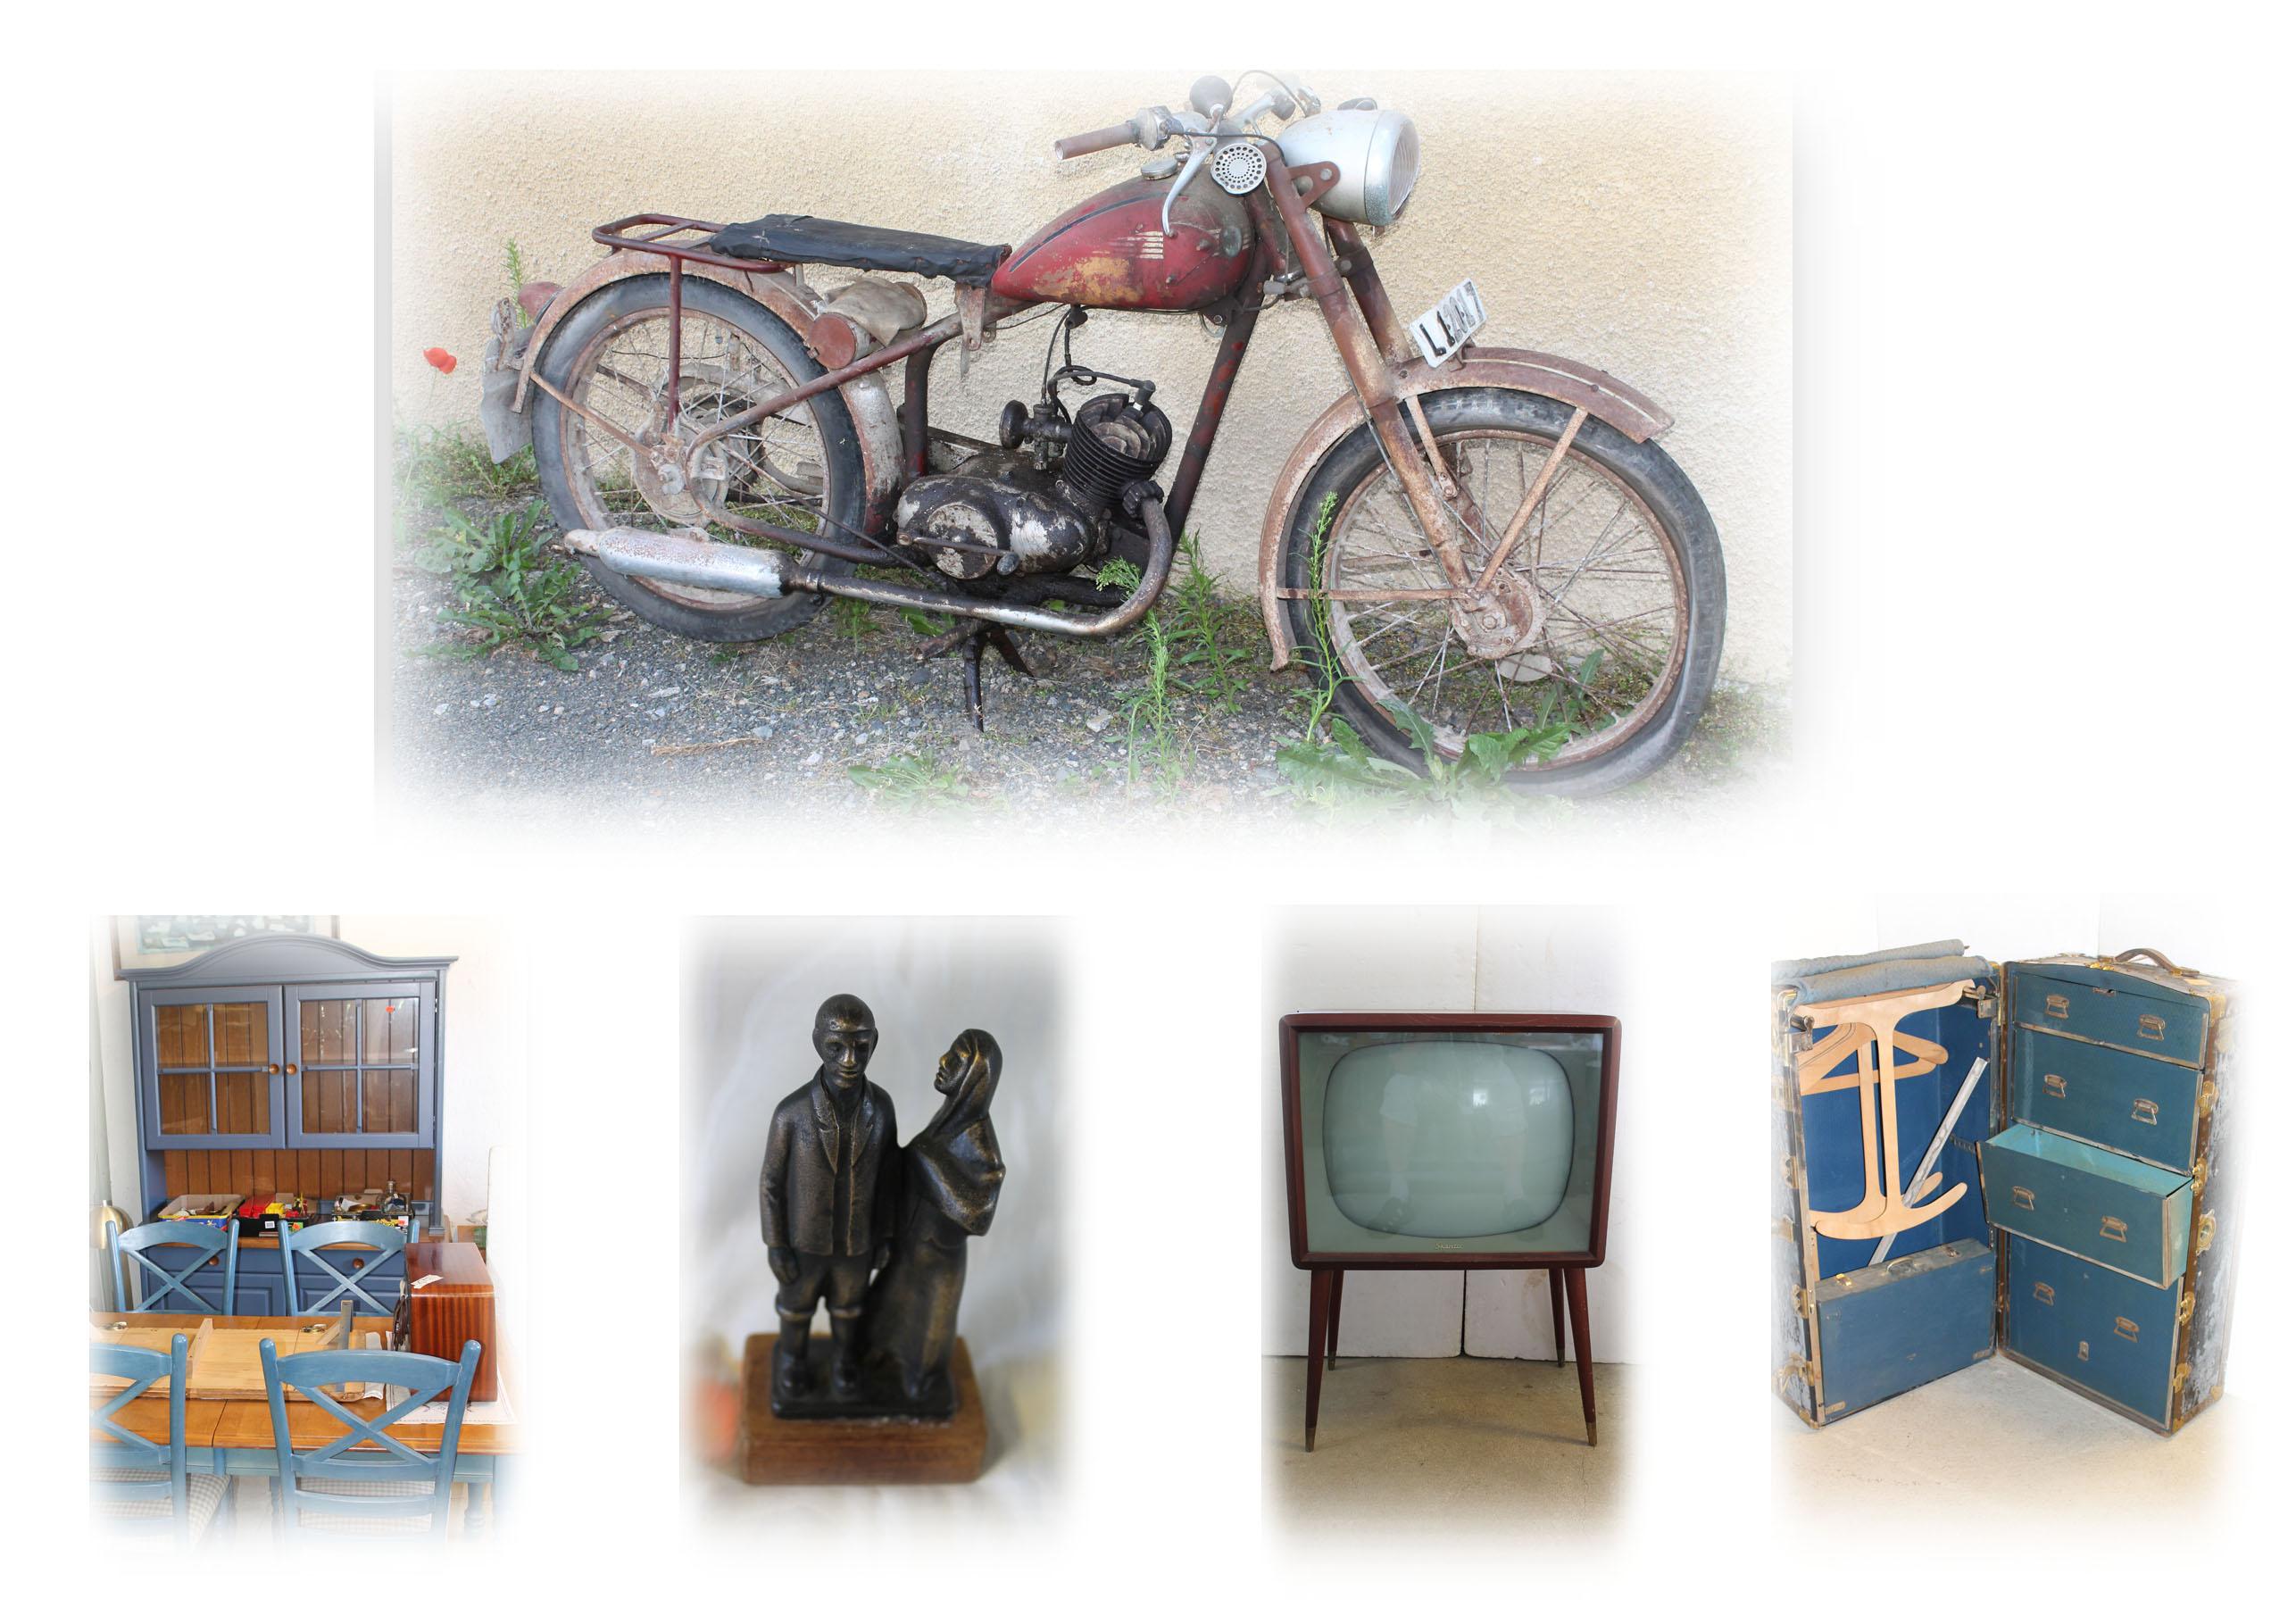 Möte med nostalgi - på auktion 24 juli